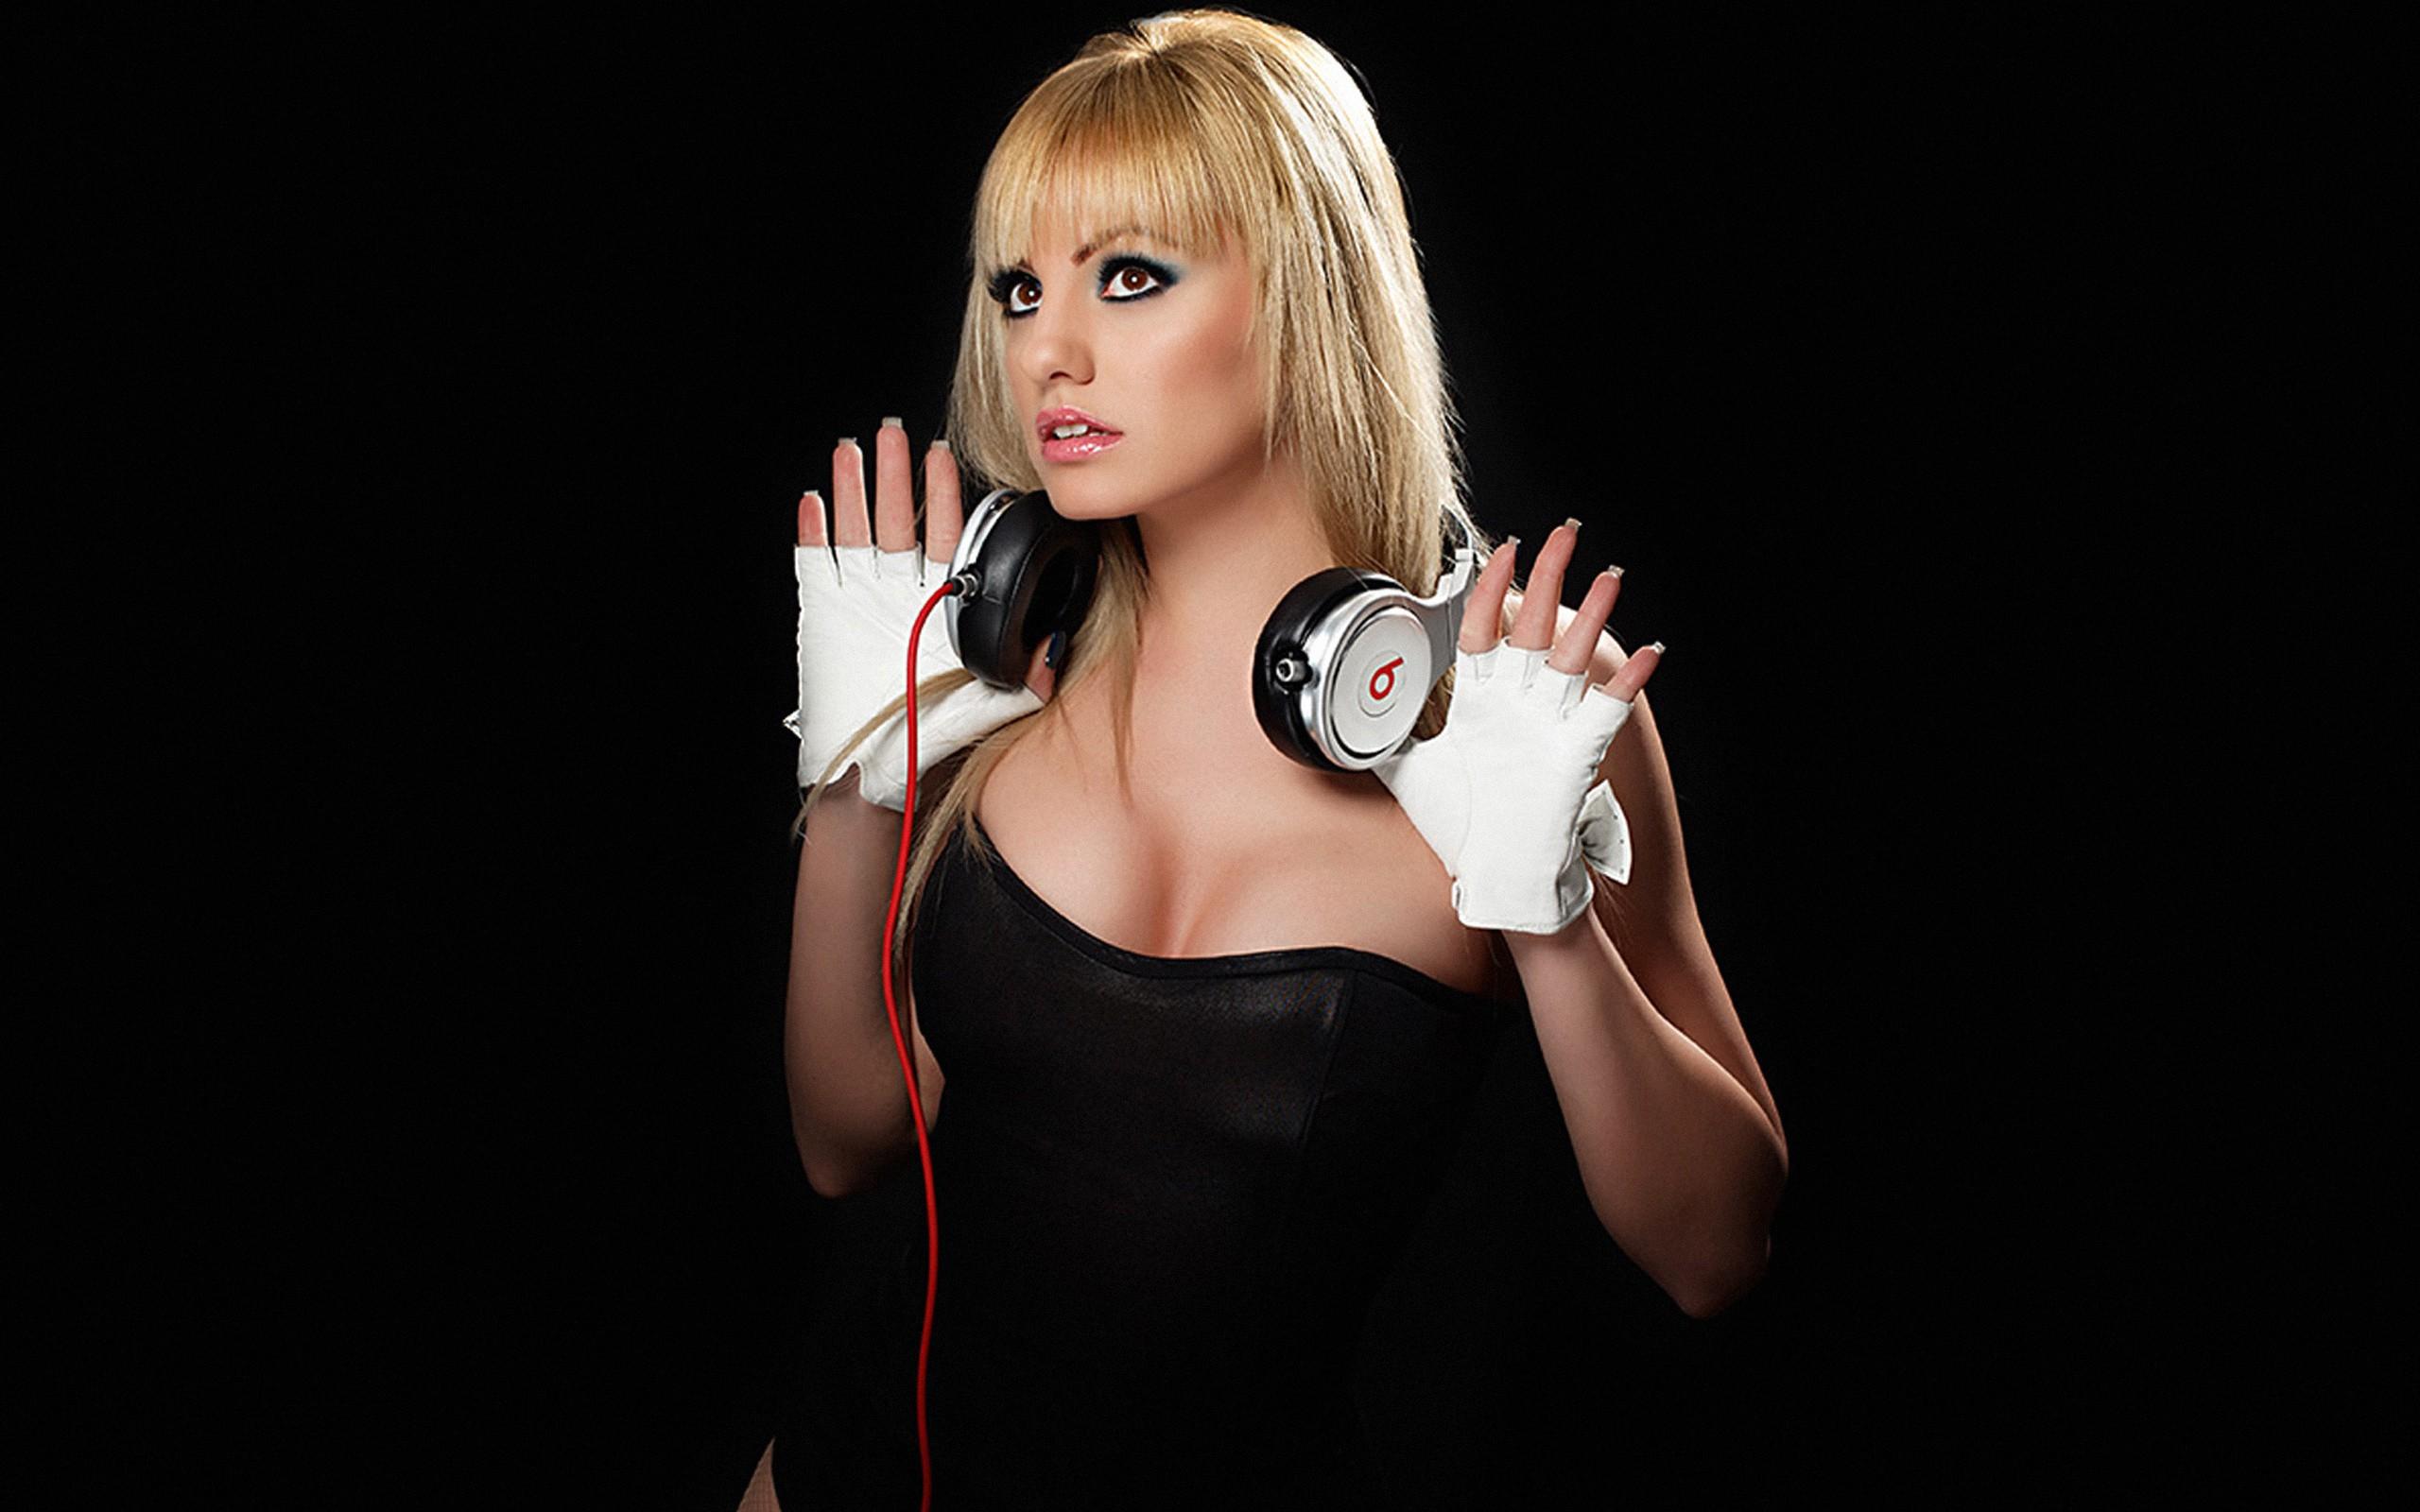 Rubia y audífonos Beats - 2560x1600